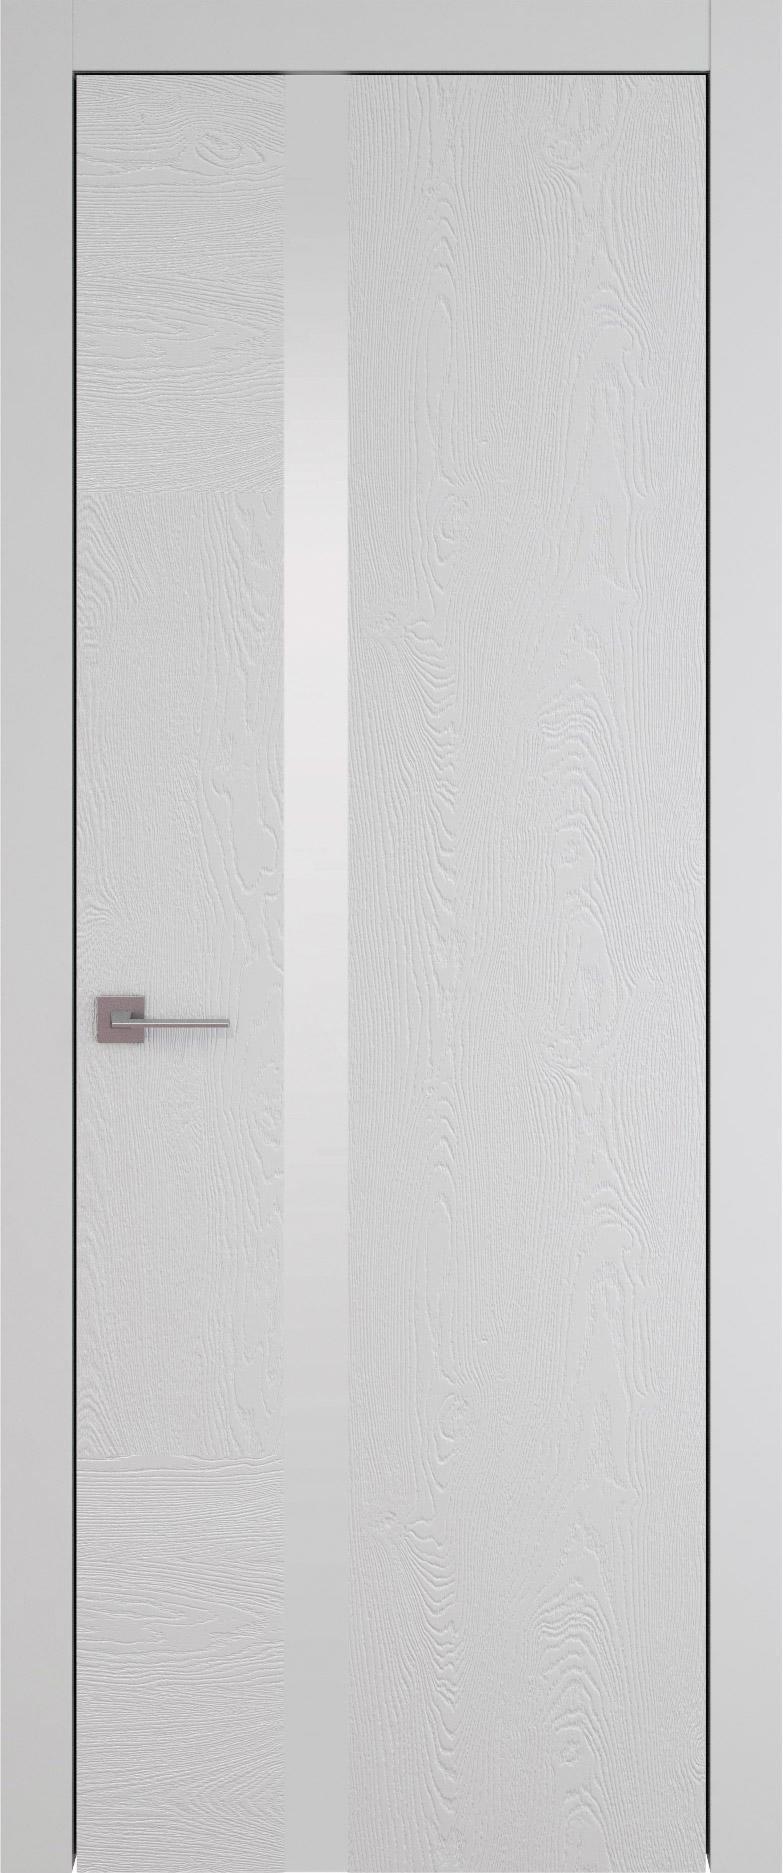 Tivoli Д-1 цвет - Серая эмаль по шпону (RAL 7047) Без стекла (ДГ)